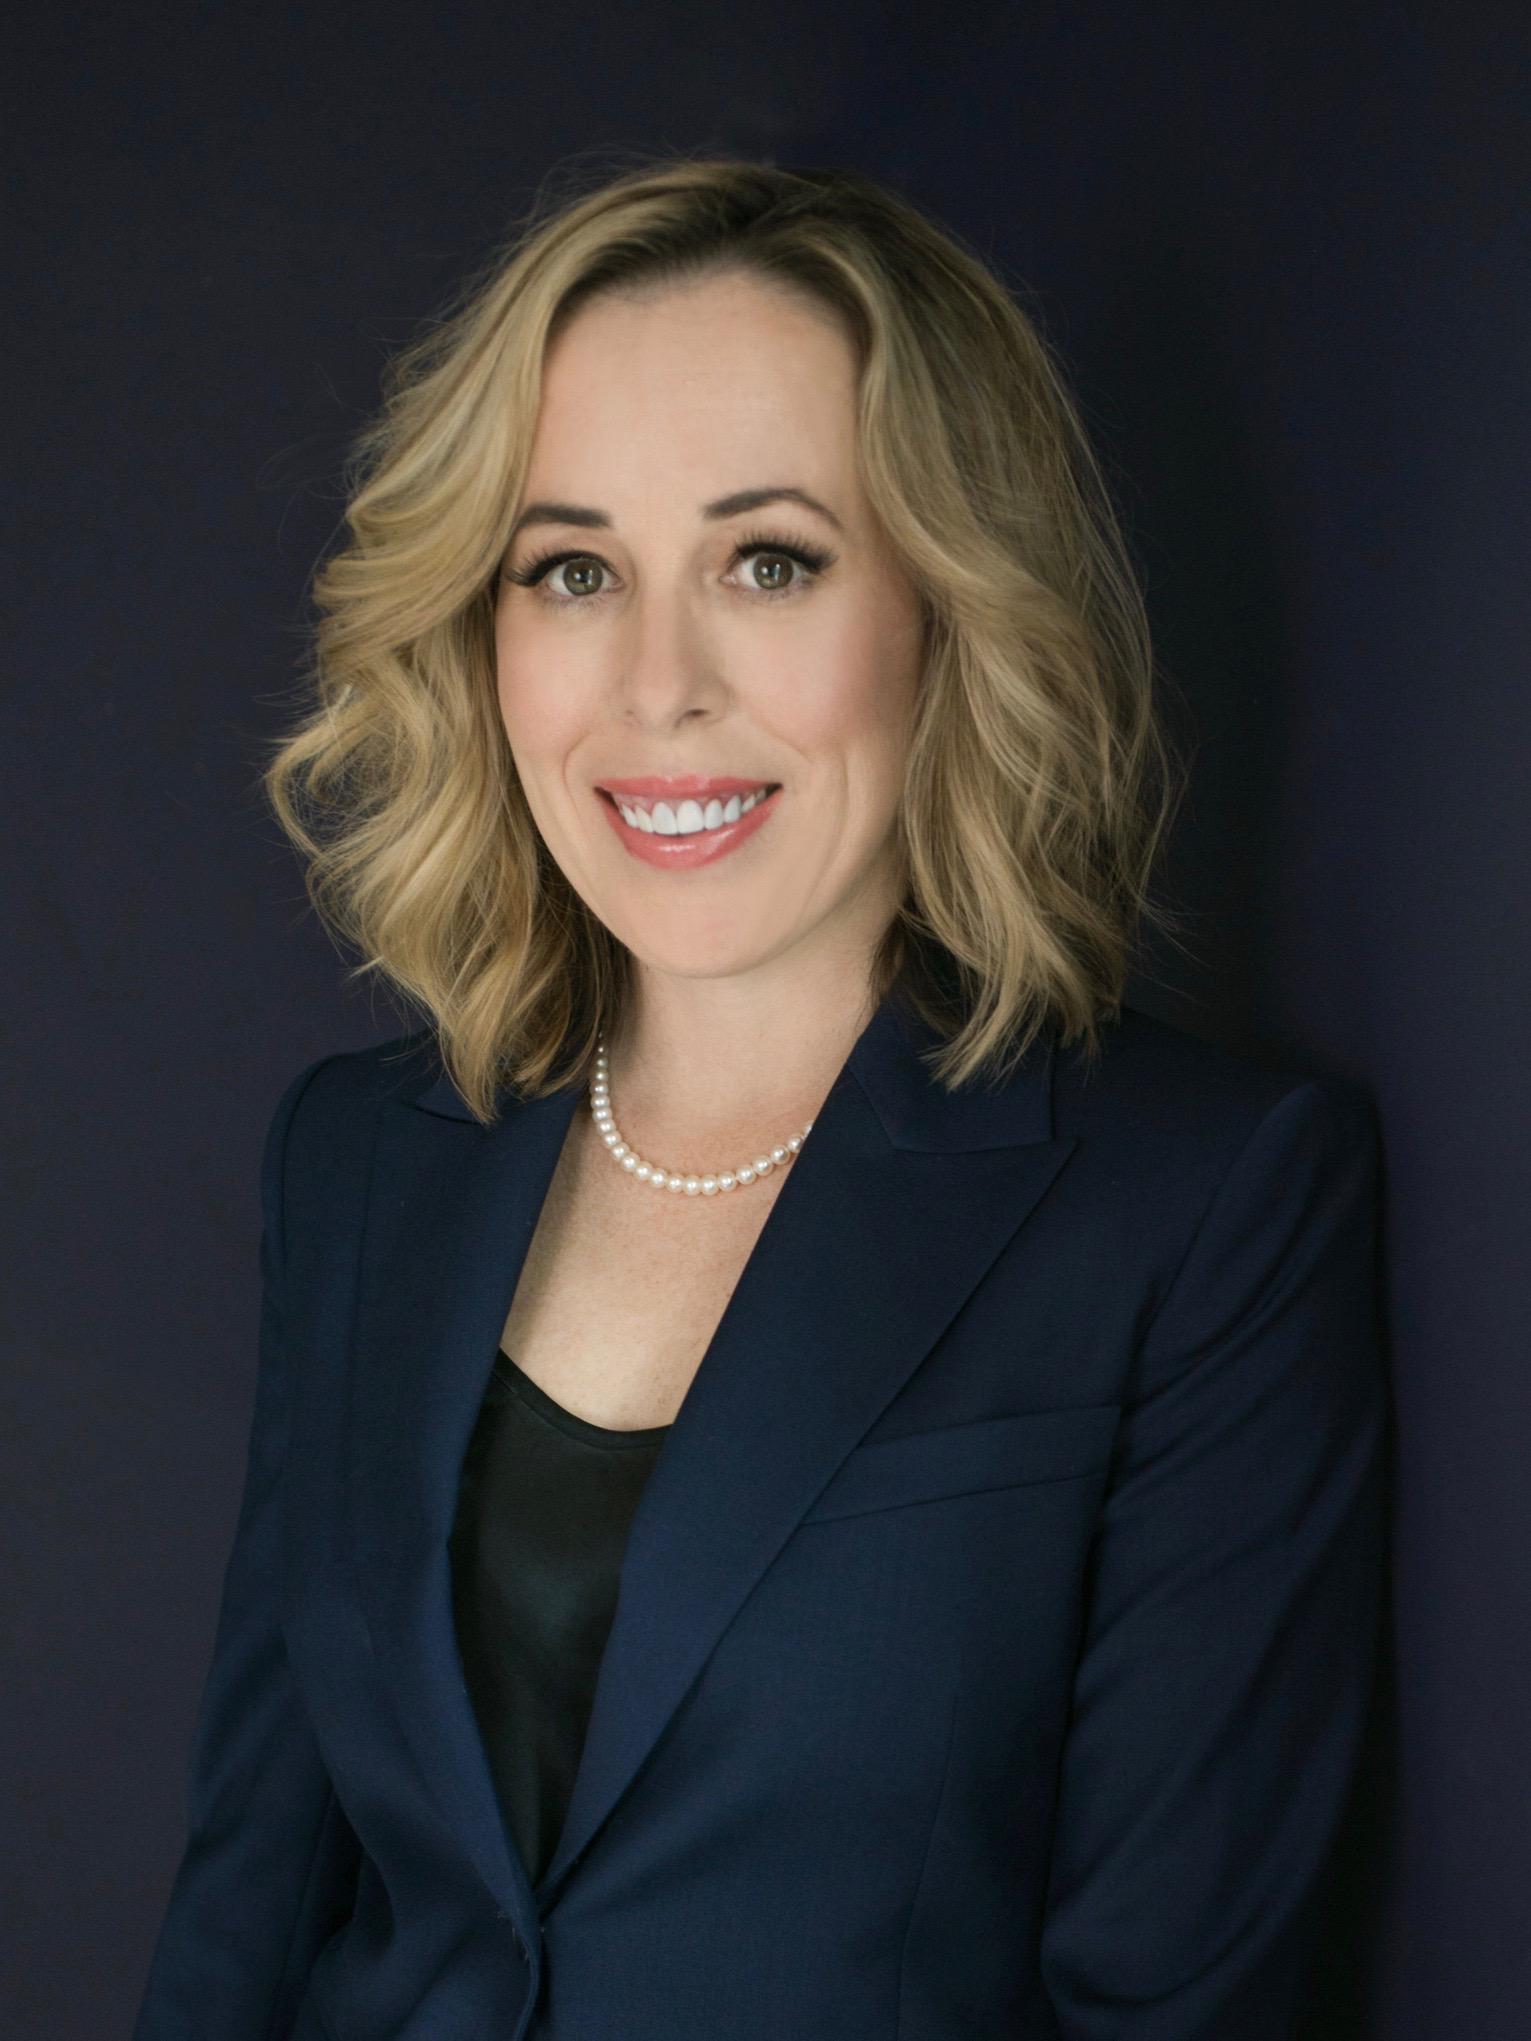 Amy McKenna